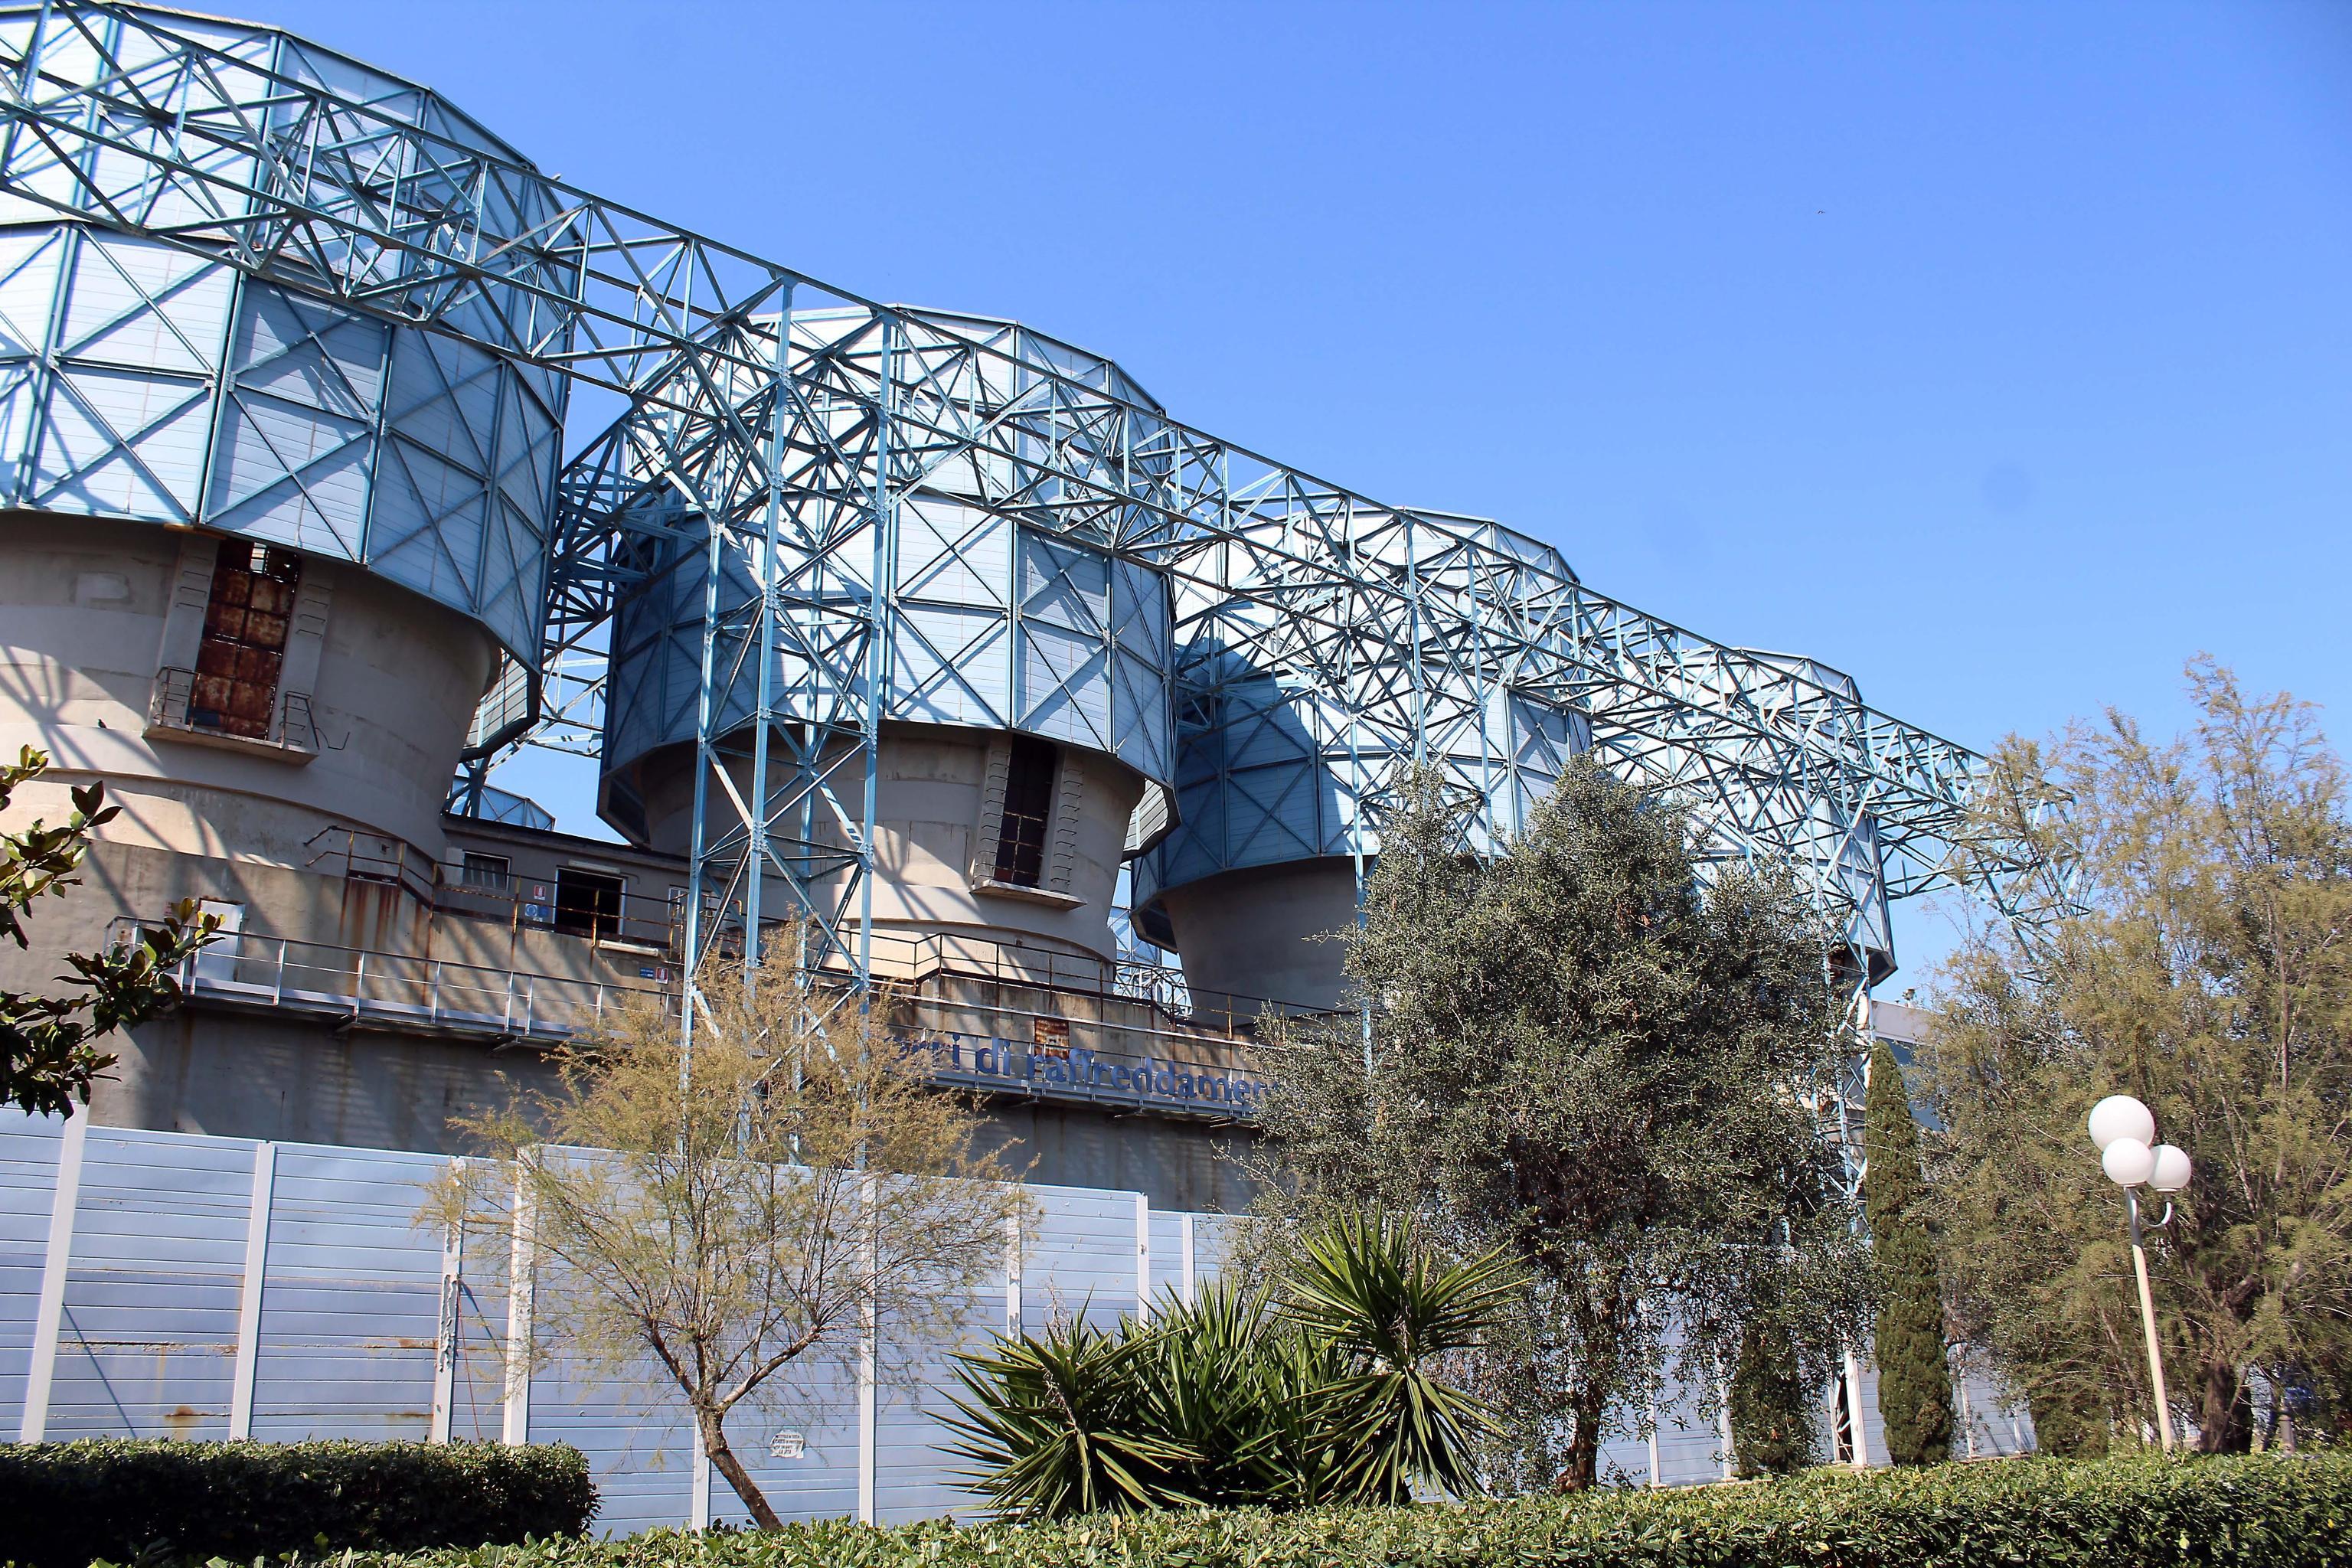 Un nuovo futuro per l'ex centrale Enel di Bari: candidature aperte fino a settembre